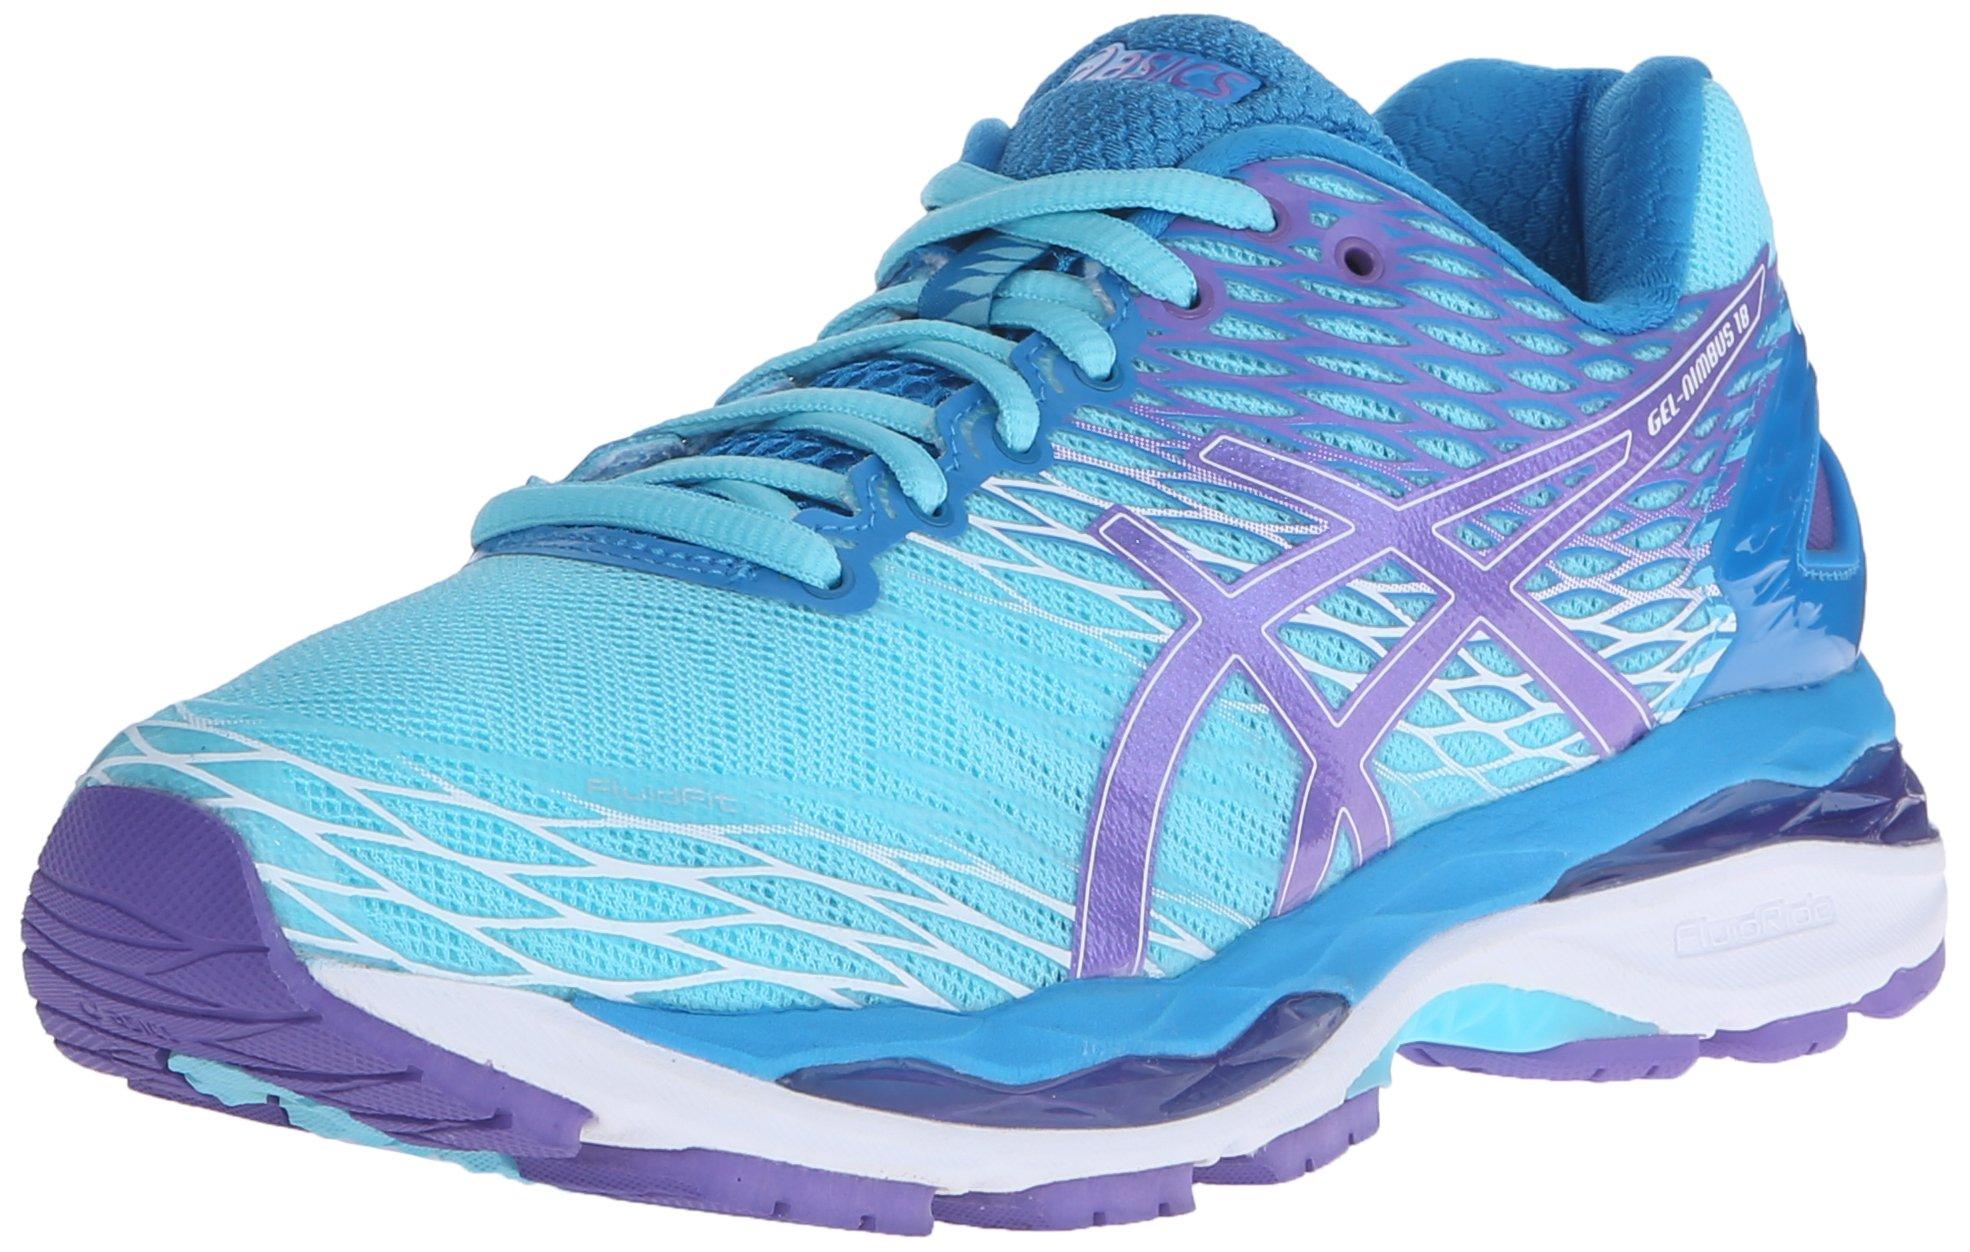 ASICS Women's Gel-Nimbus 18 Running Shoe, Turquoise/Iris/Methyl Blue, 6.5 D US